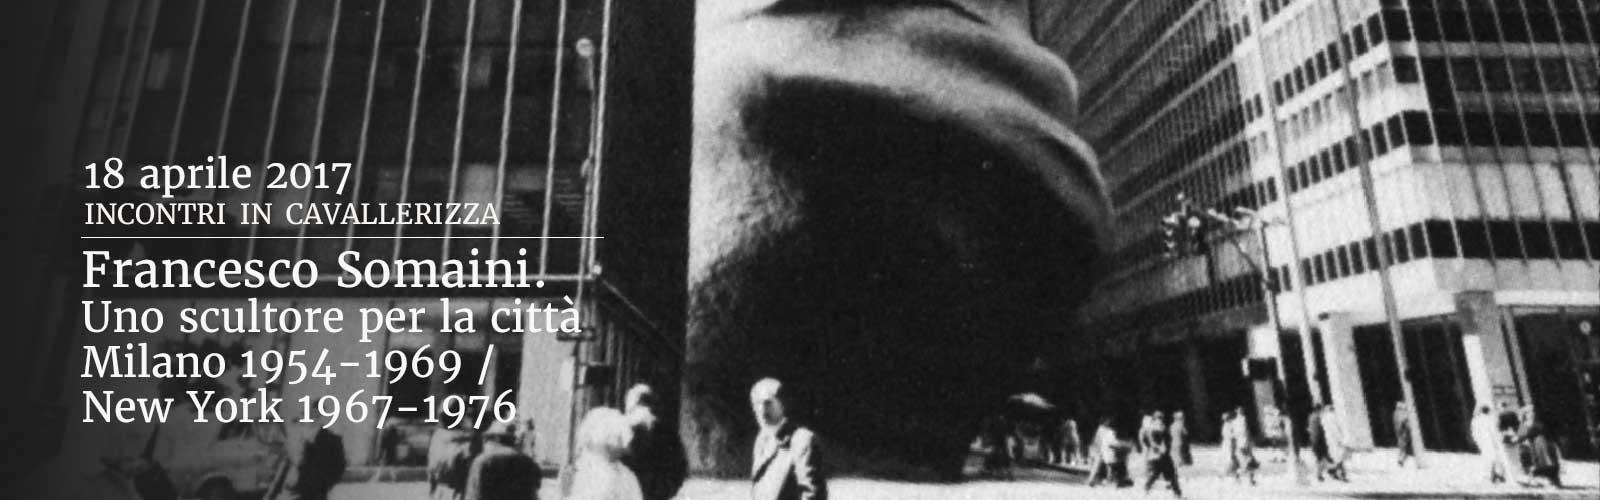 Francesco Somaini. Uno scultore per la città<br>Milano 1954-1969 / New York 1967-1976